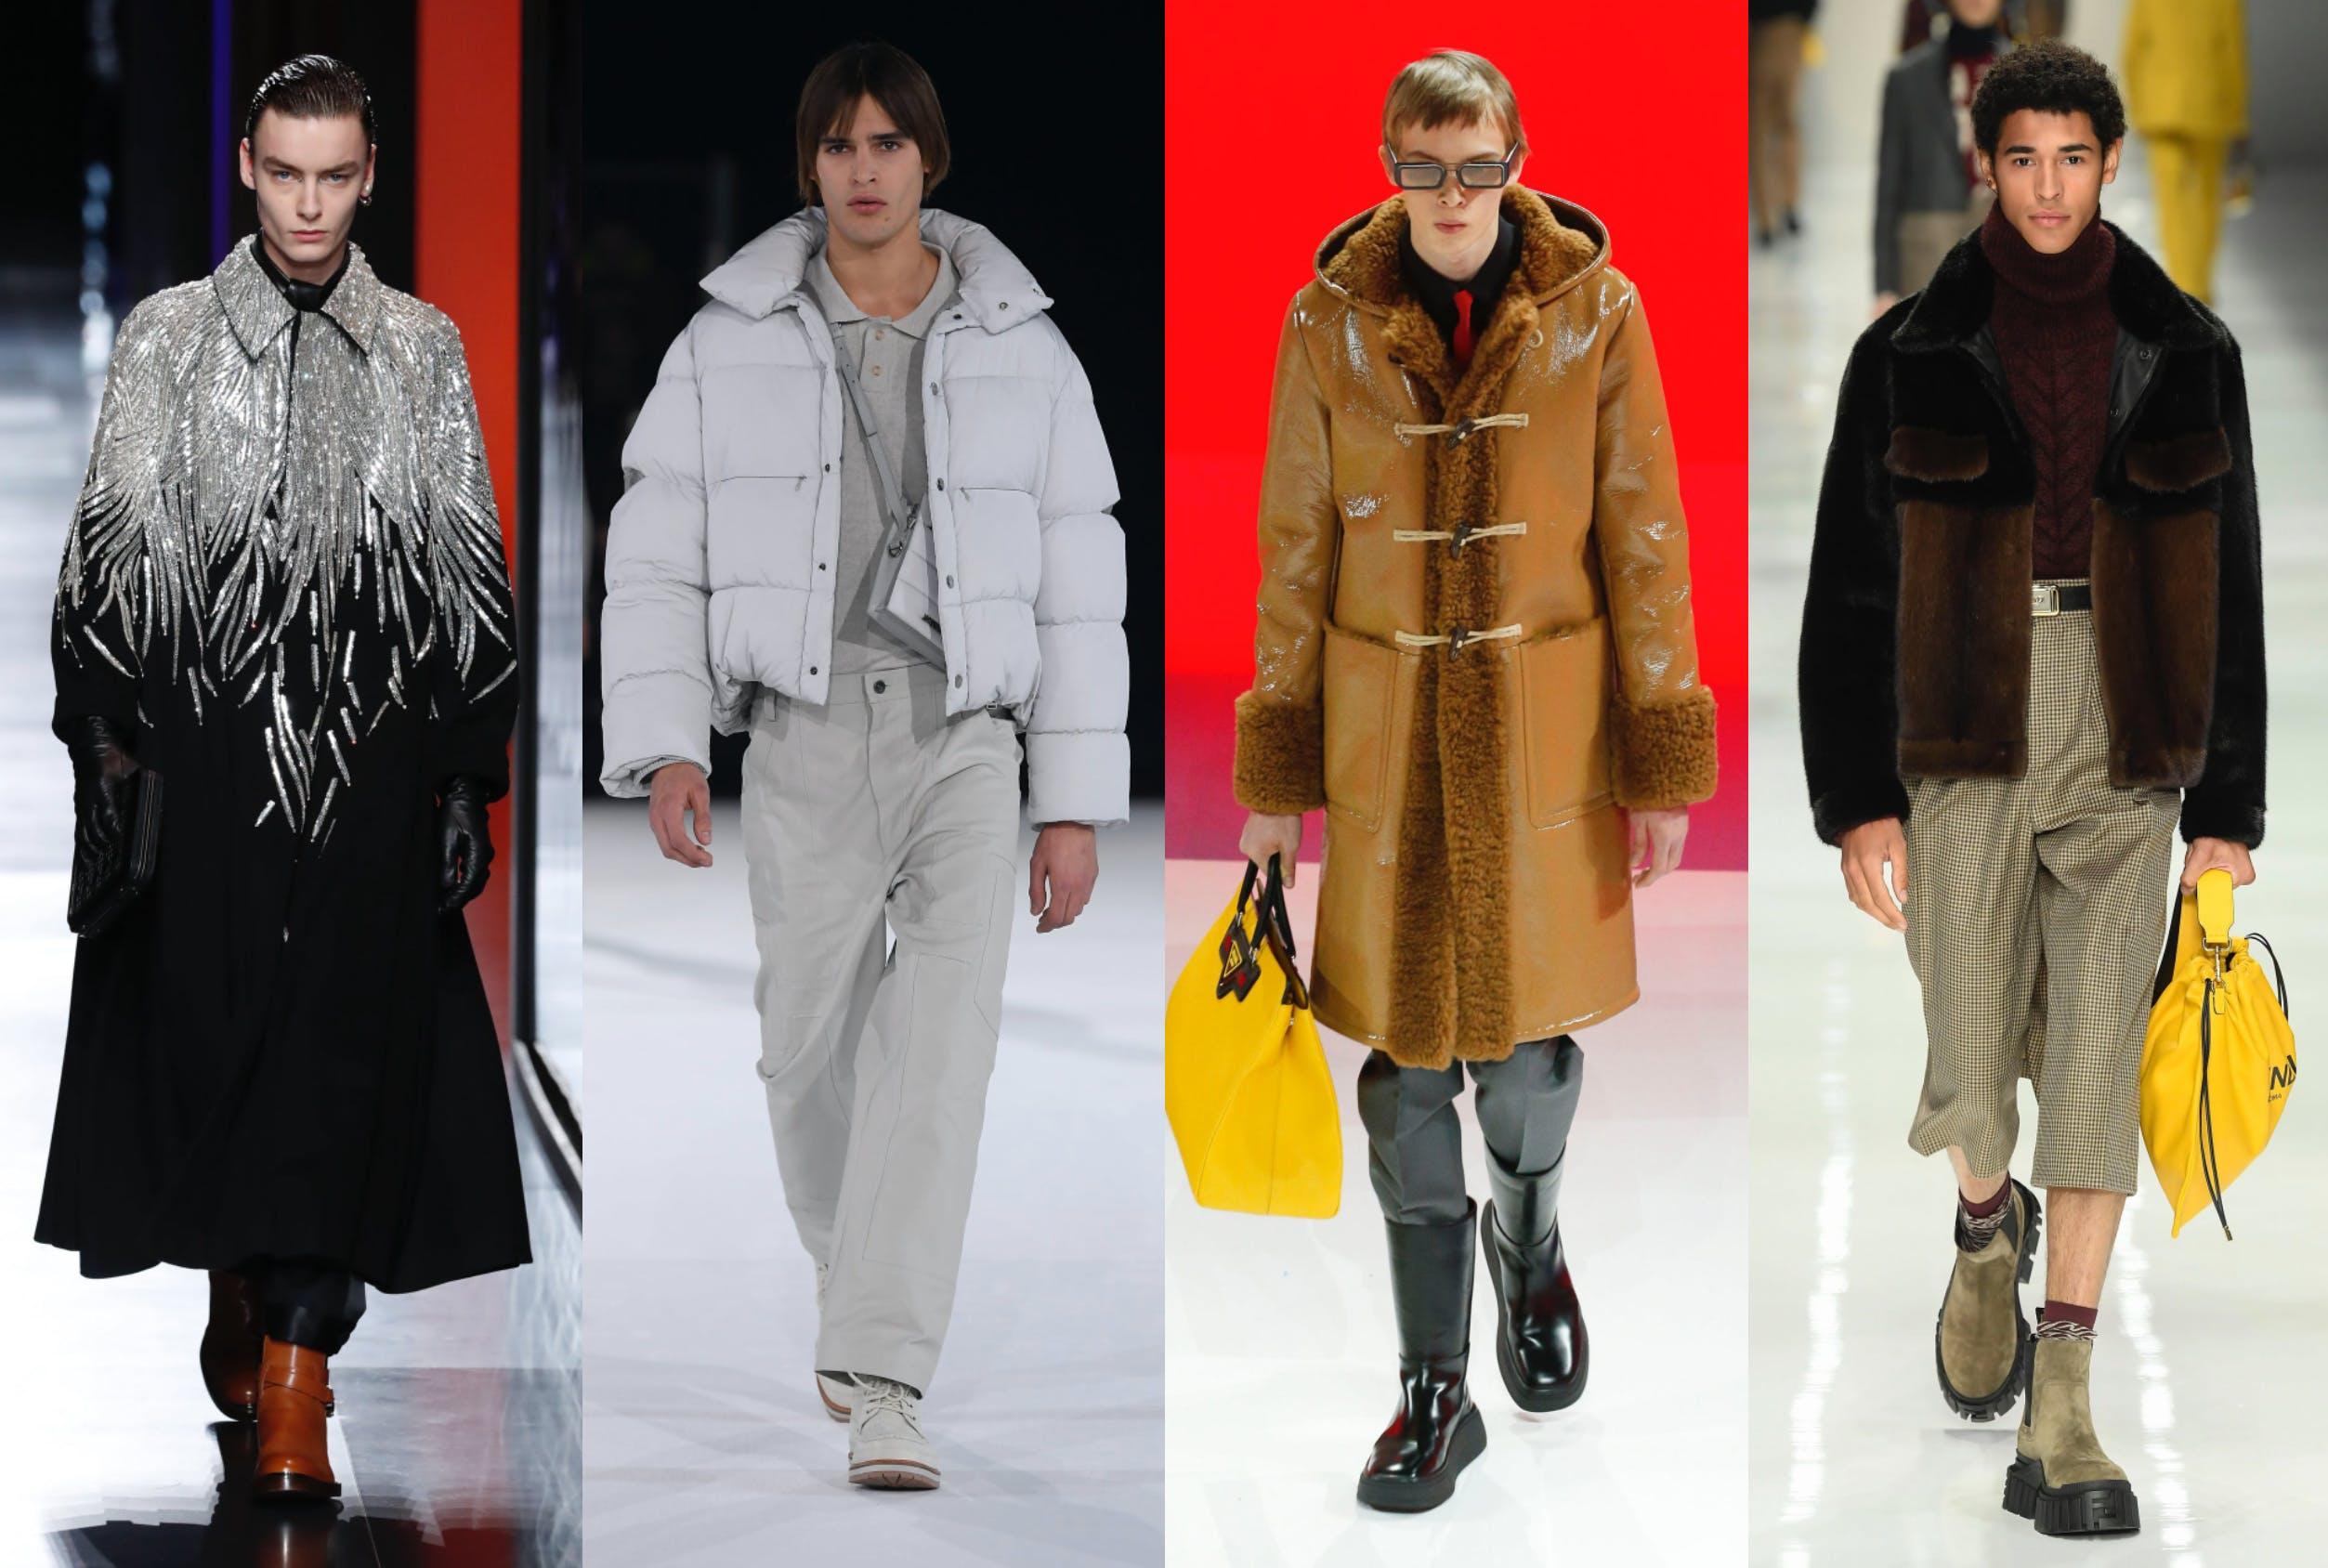 cappotti maschili uomo autunno inverno tendenza